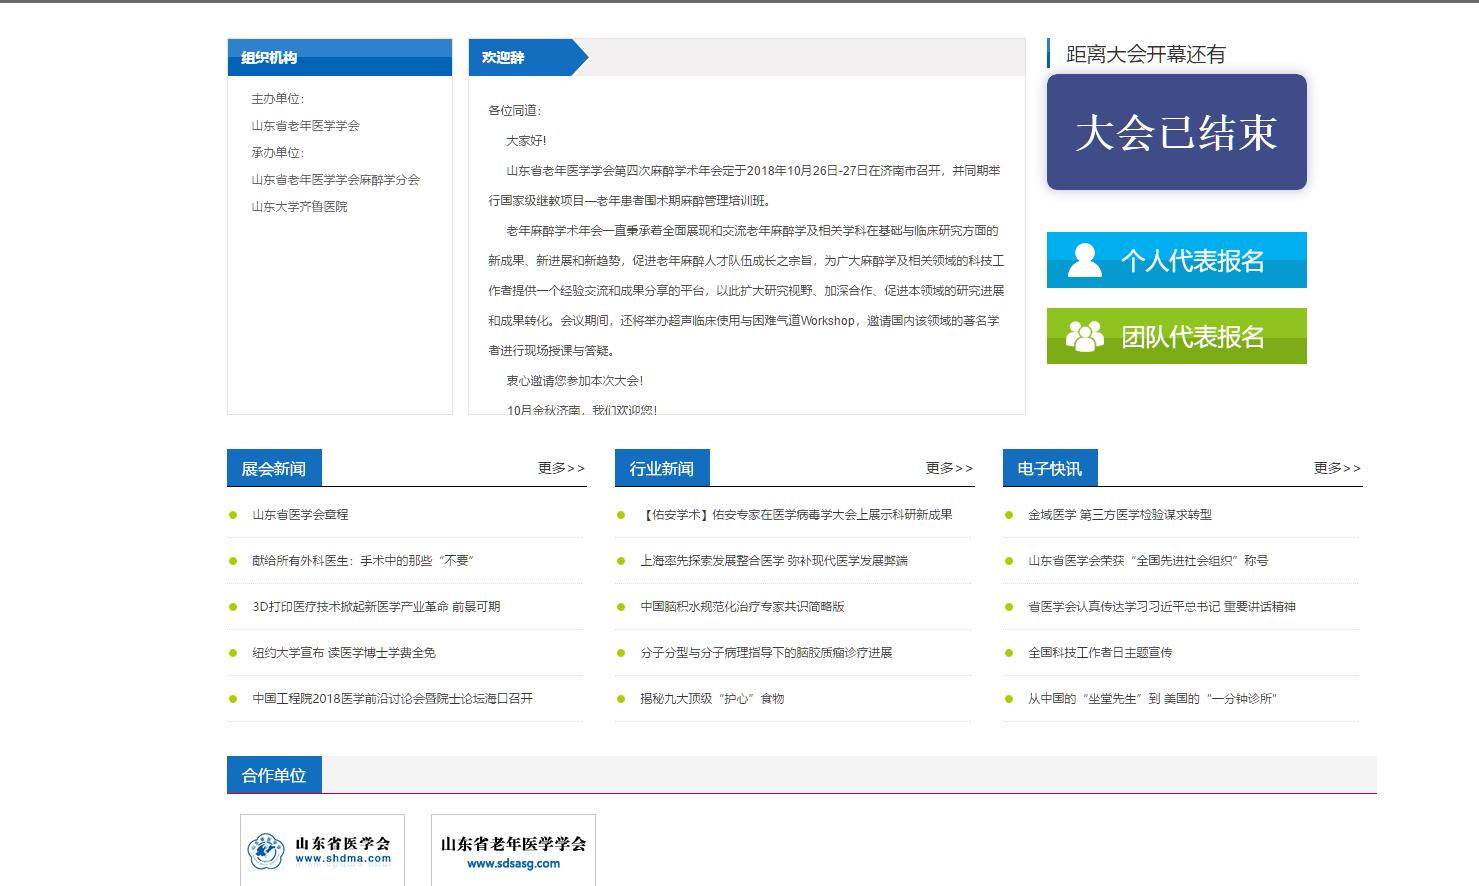 濟南峰會傳媒展會報名系統